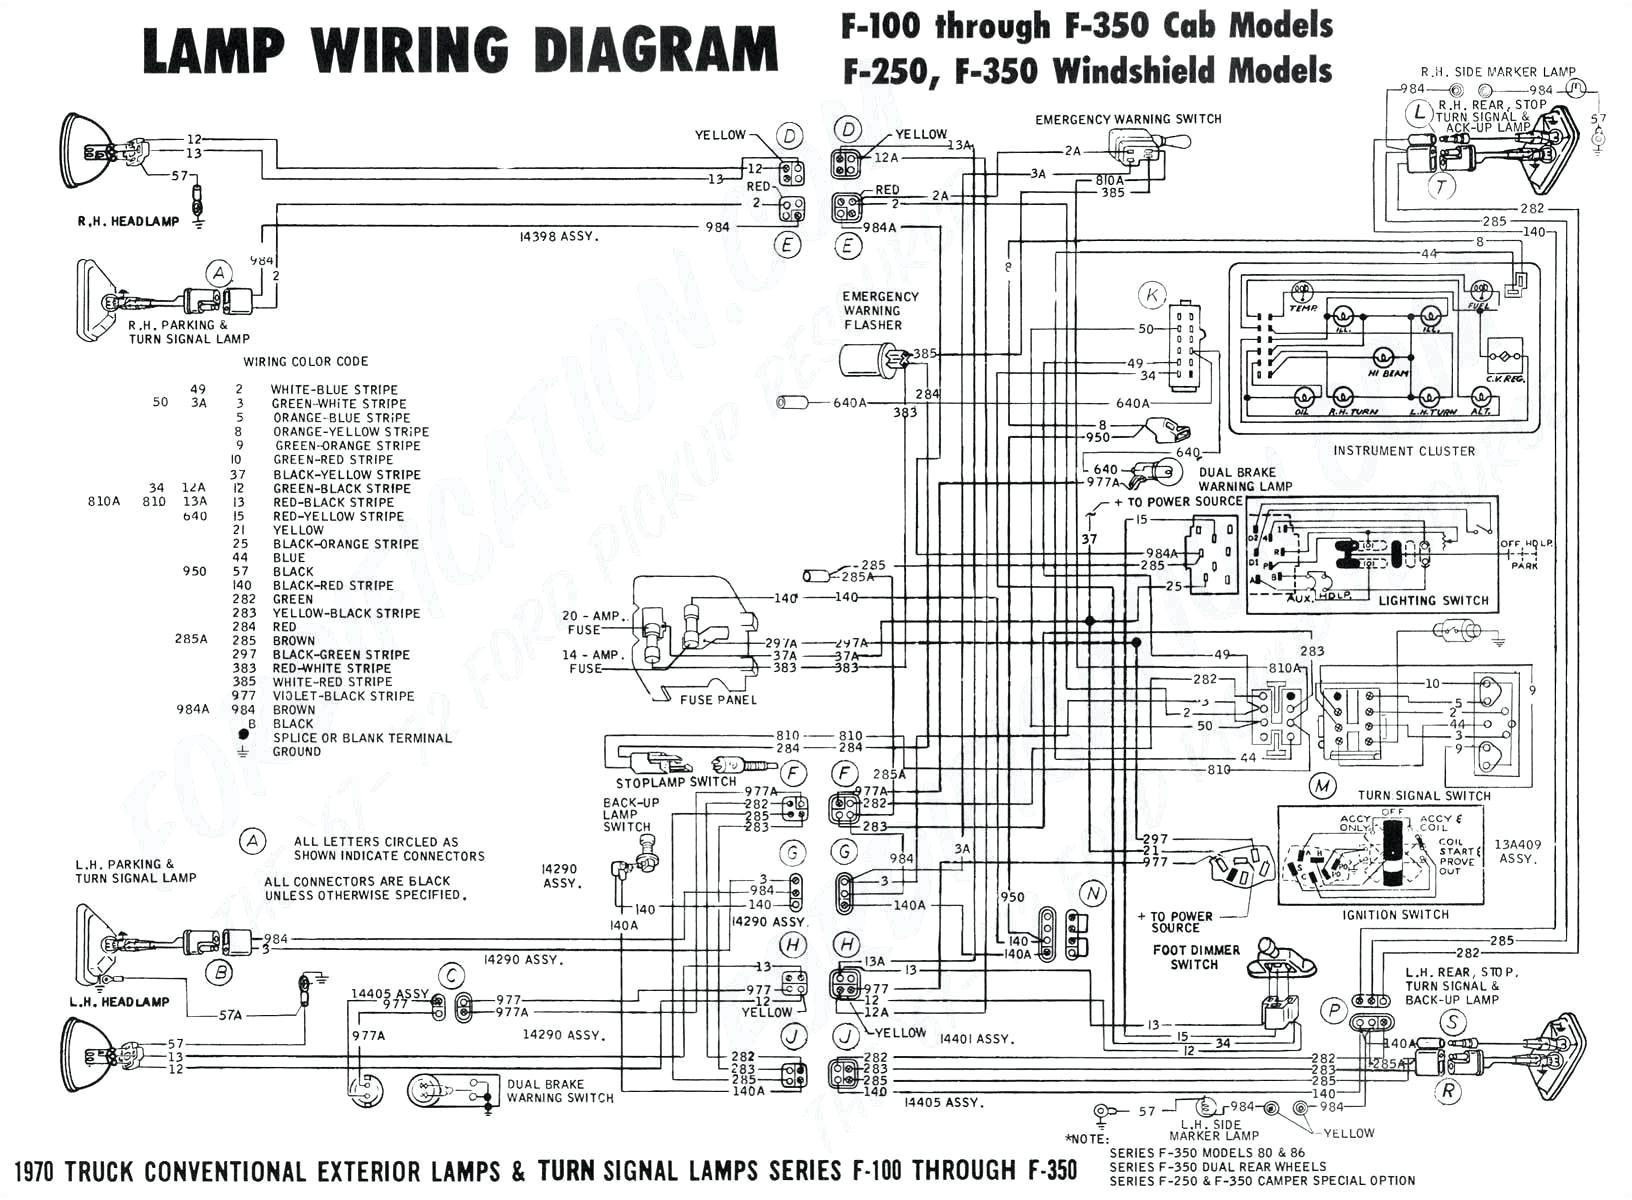 Ducati Regulator Wiring Diagram Ducati 900 S2 Wiring Diagram Wiring Diagram